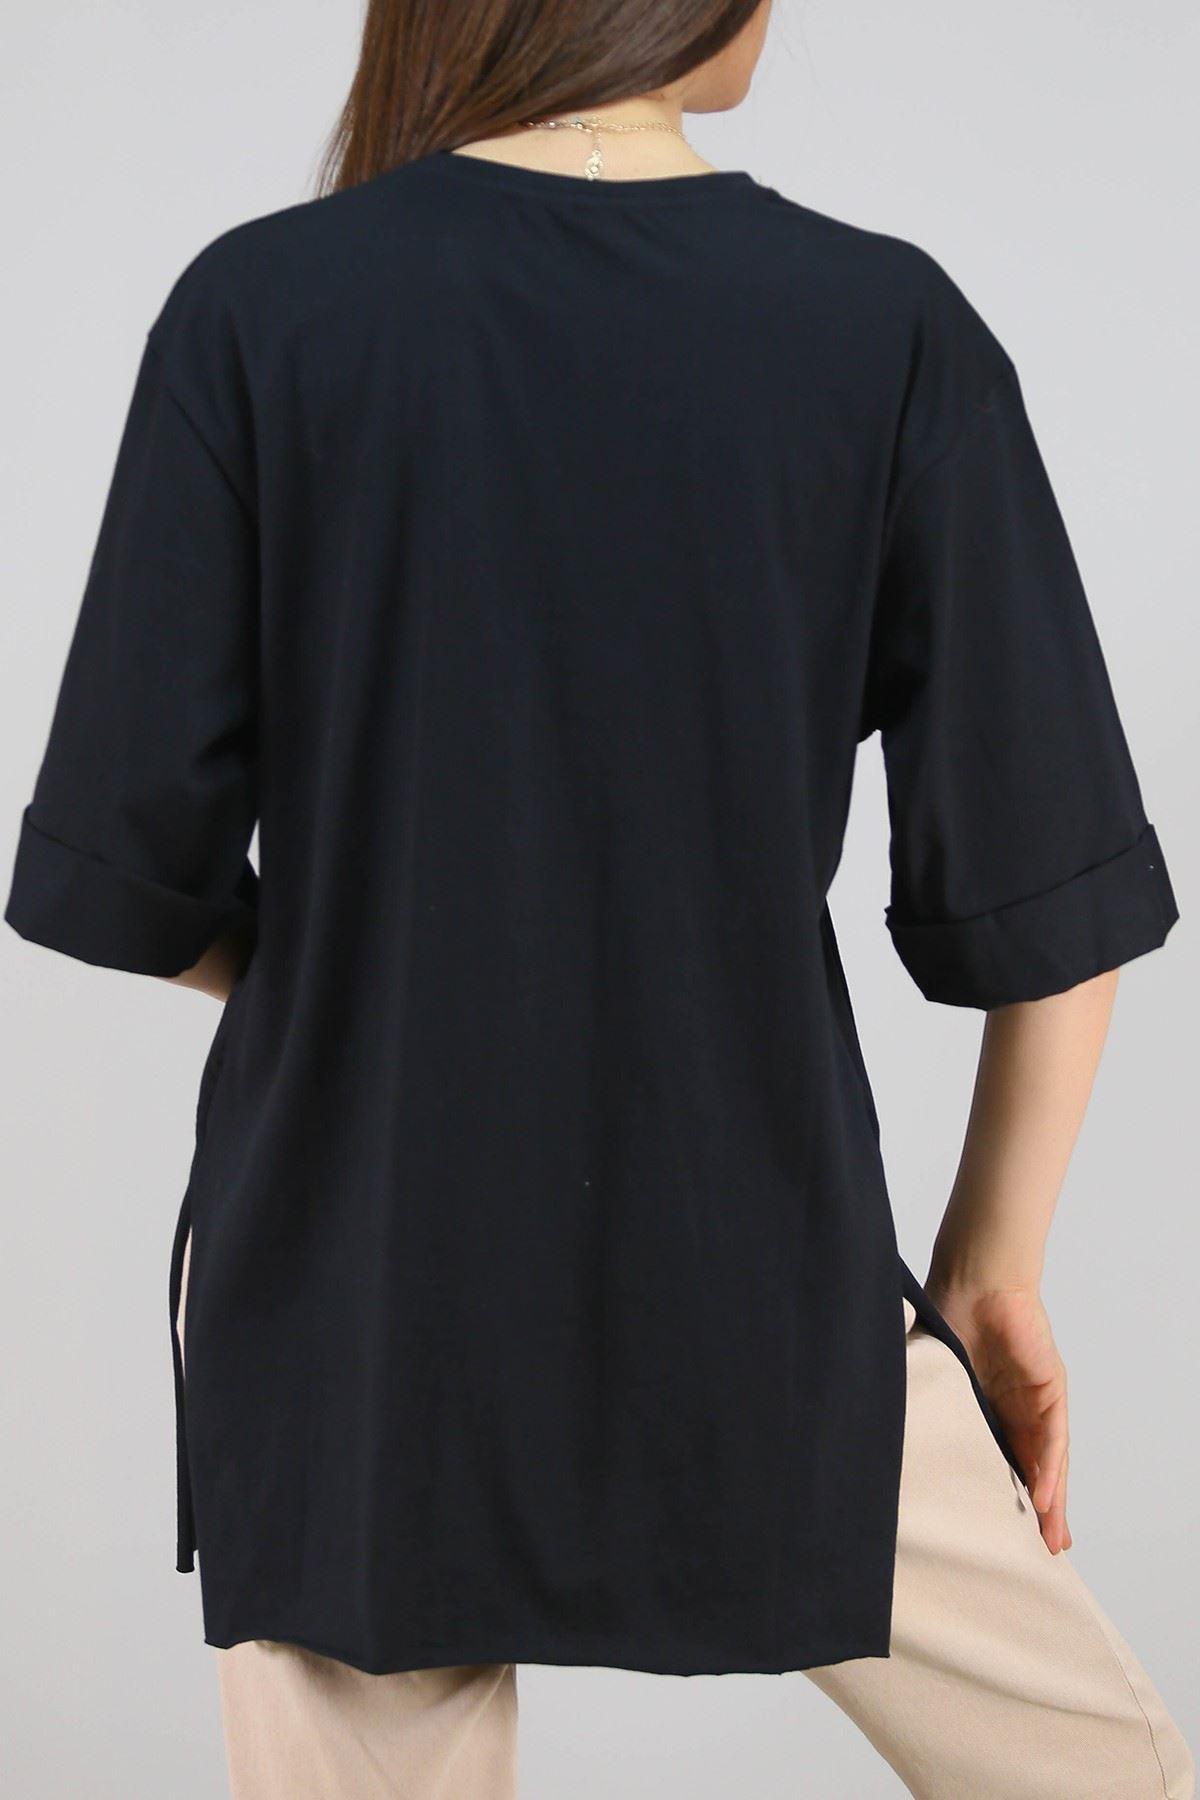 Baskılı Tişört Siyah - 3660.222.